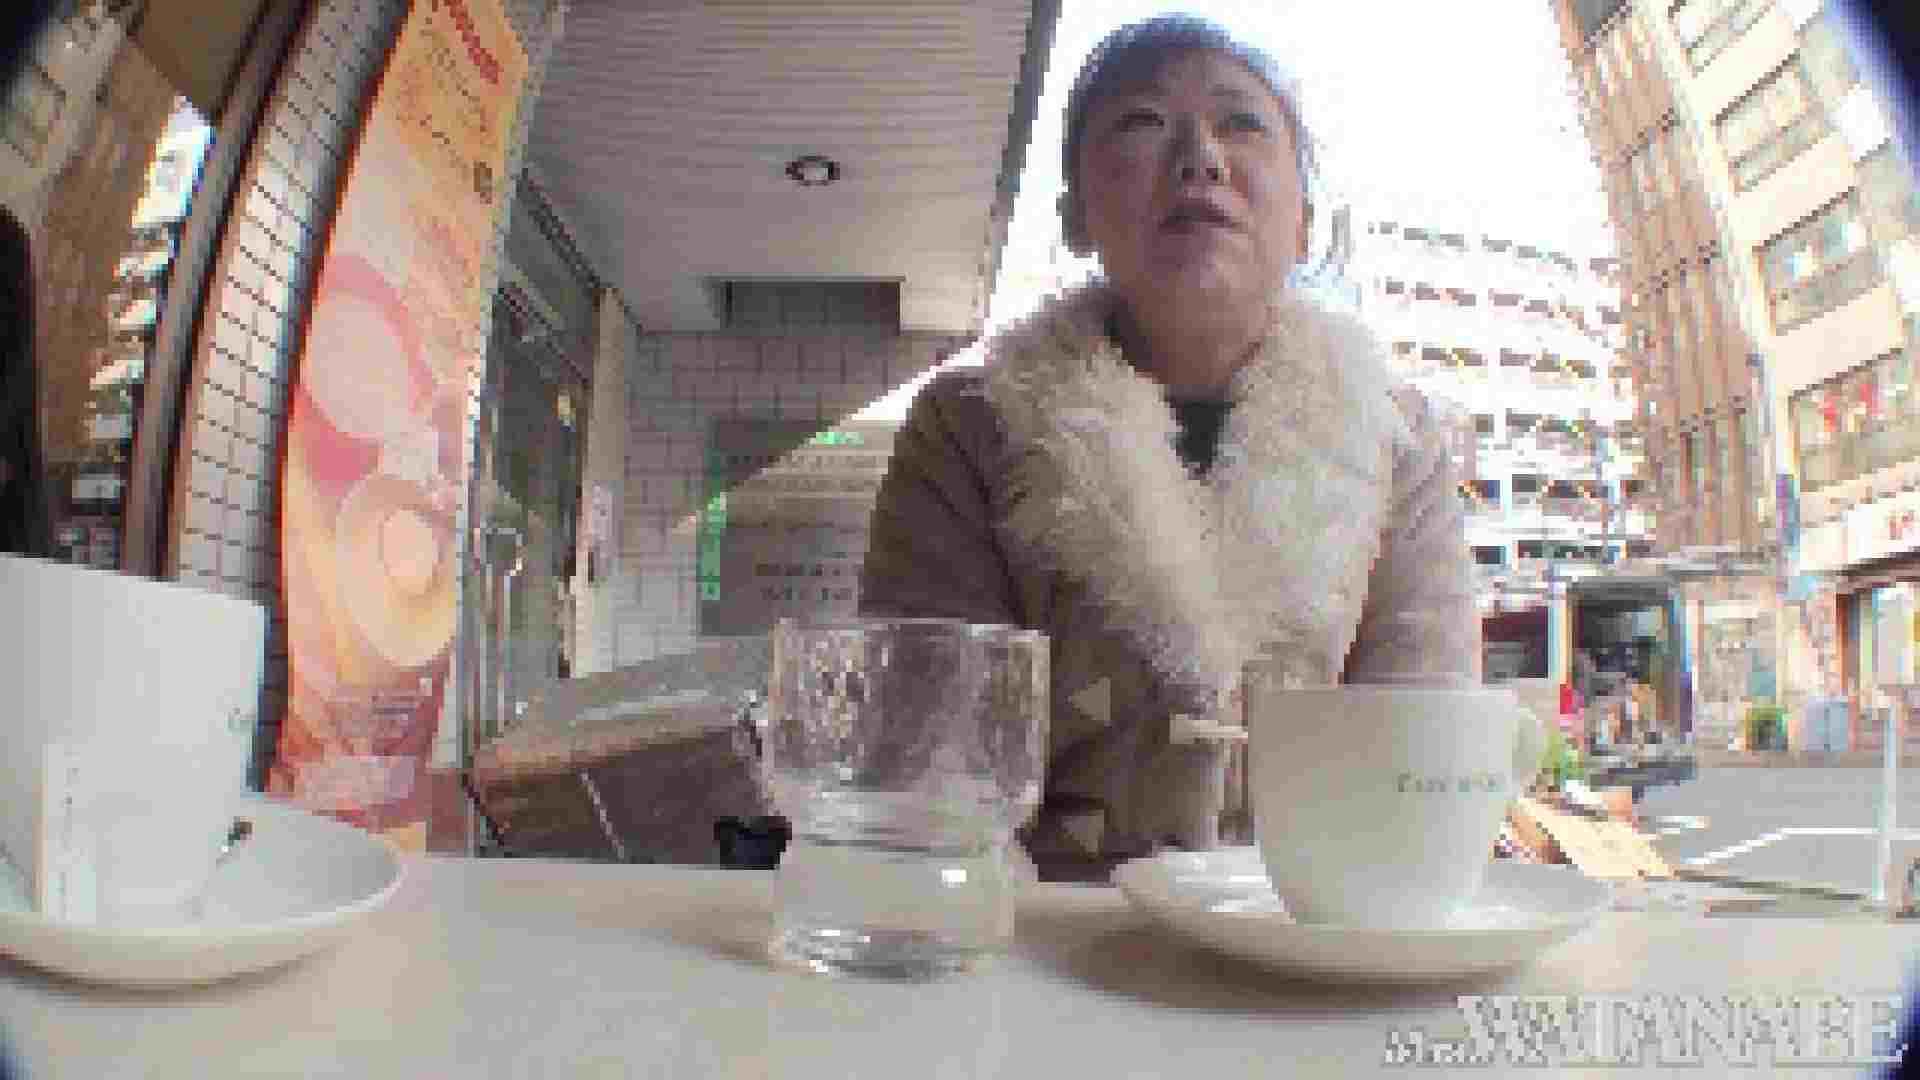 撮影スタッフを誘惑する痴熟女 かおり40歳 Vol.01 素人 オマンコ動画キャプチャ 82pic 63